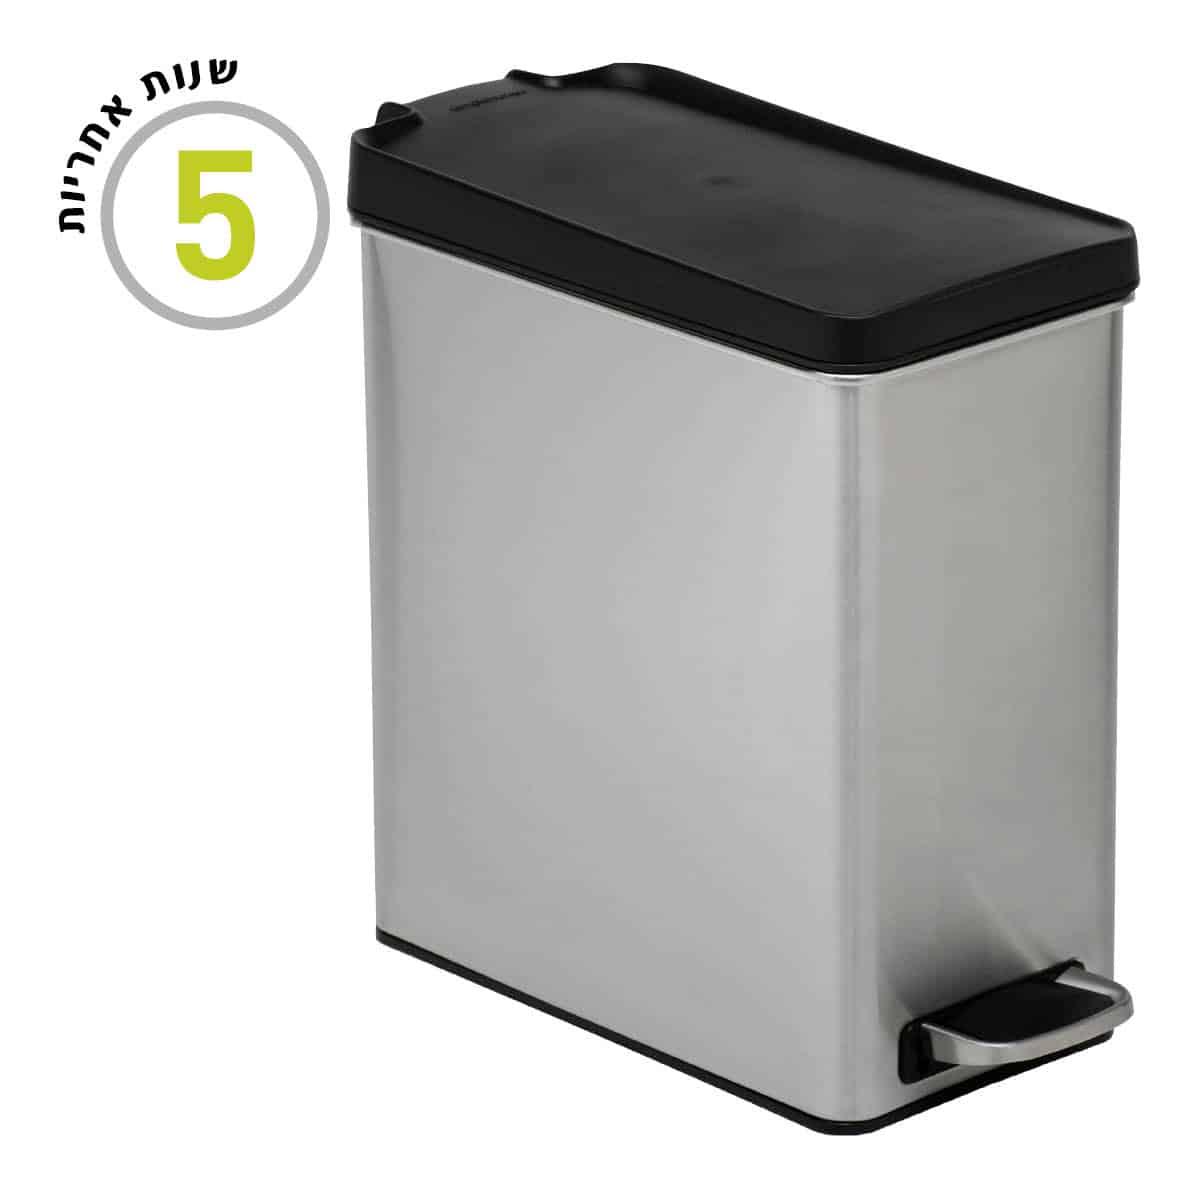 פח מלבני דוושה מכסה פלסטיק נירוסטה מאט 10 ל'